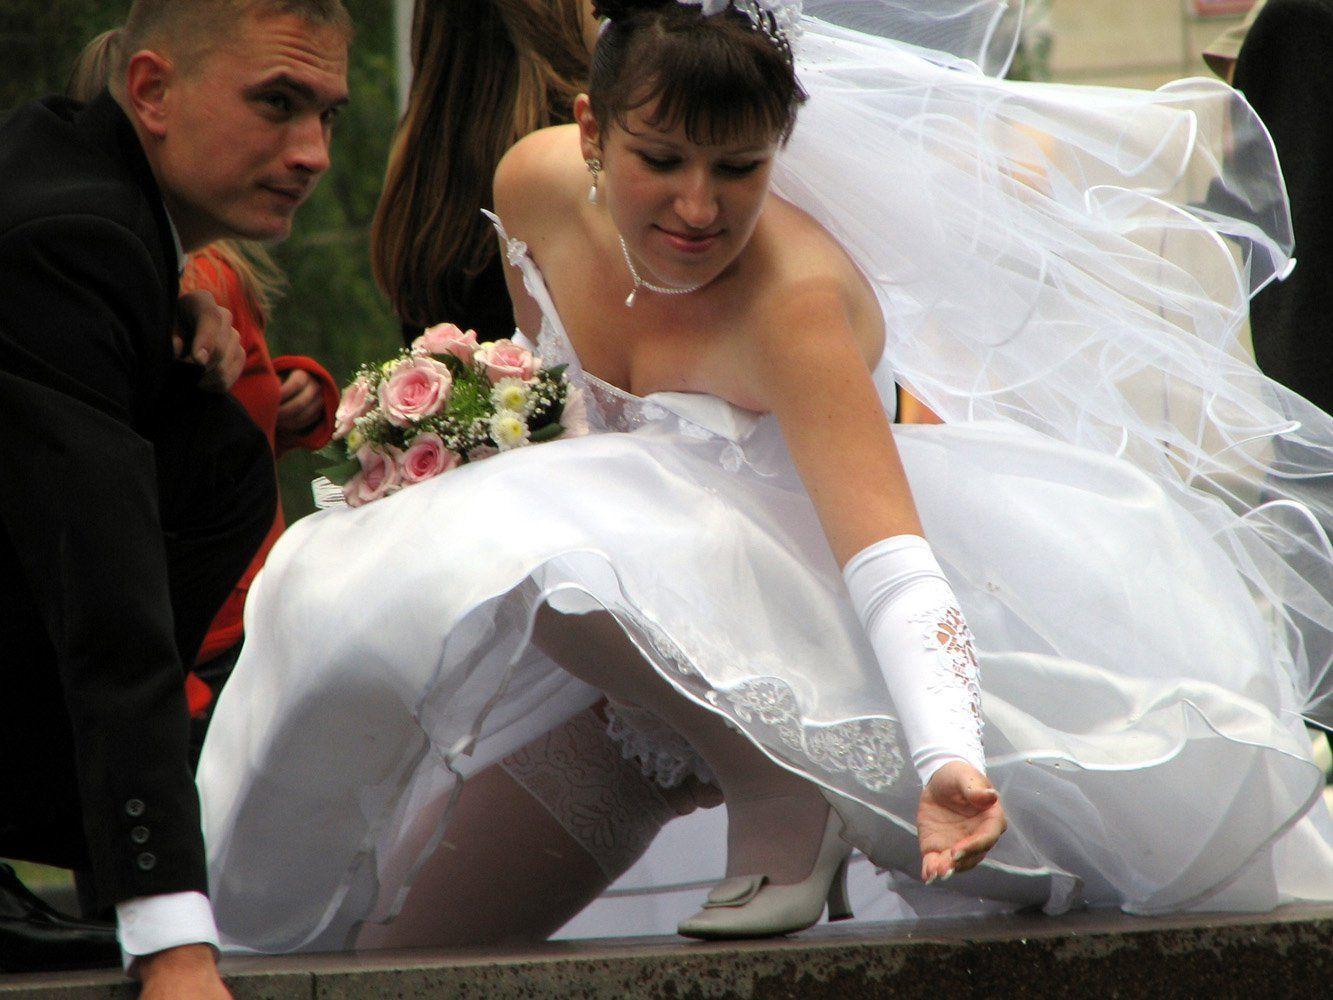 стенах видео на свадьбе без нижнего белья полуночи